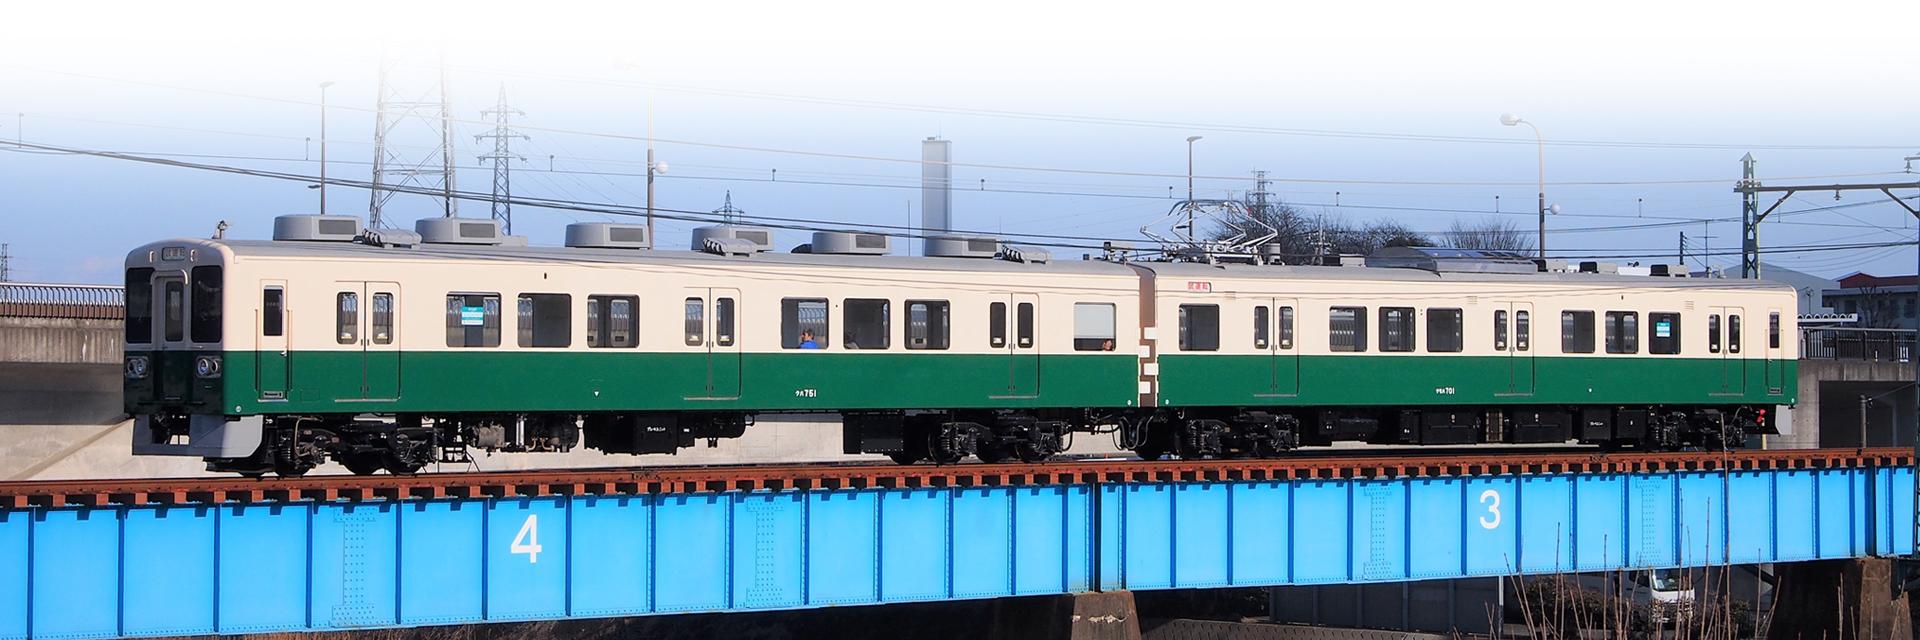 【採用情報】電車運転士要員・保線係を募集します